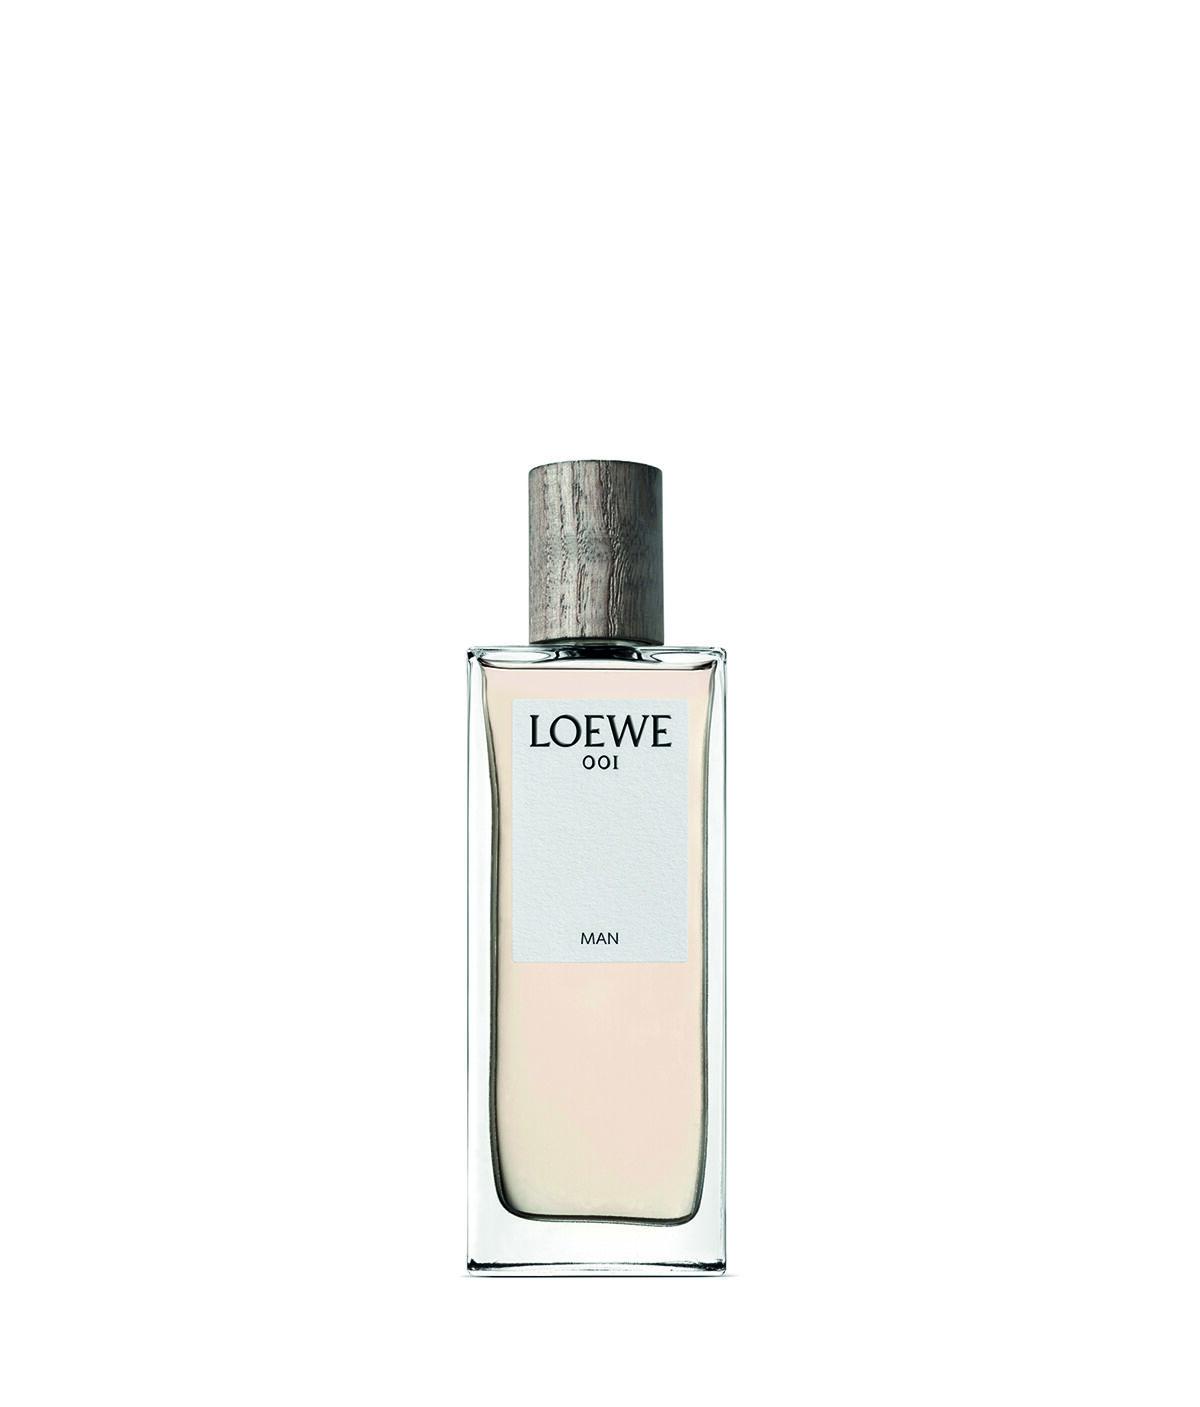 LOEWE Loewe 001 Man Edp 50Ml Sin Color all